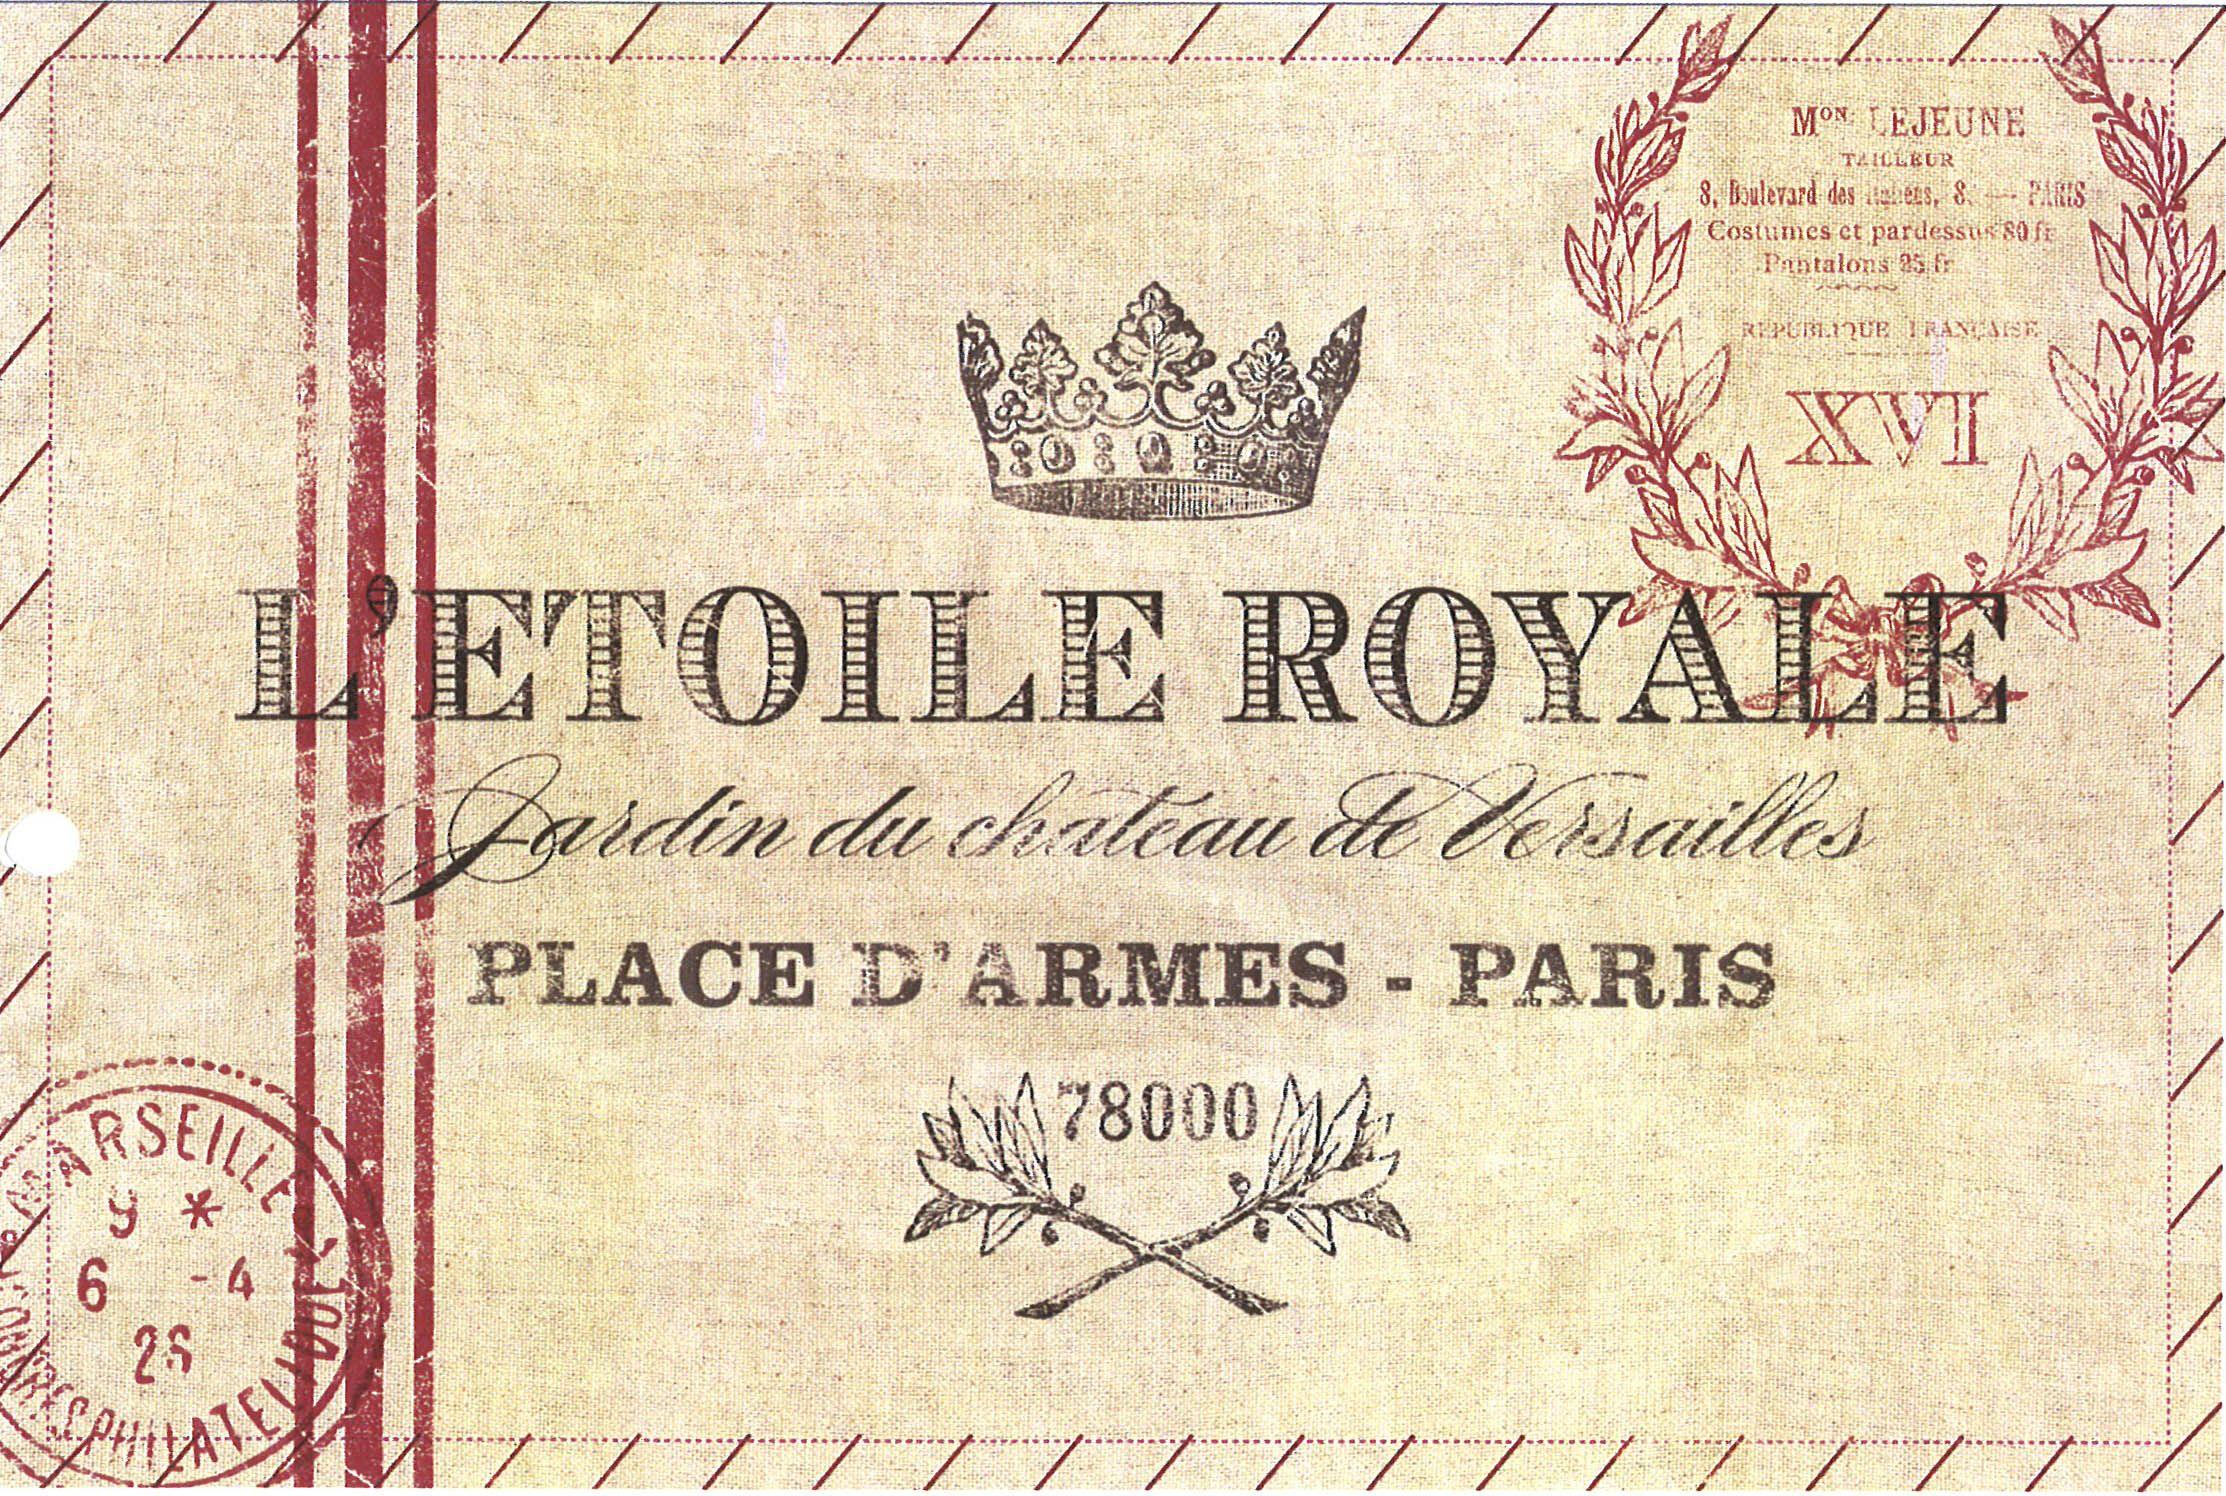 etoile royale almohadon transfer #mrpricehome #homegrown etiqueta postal